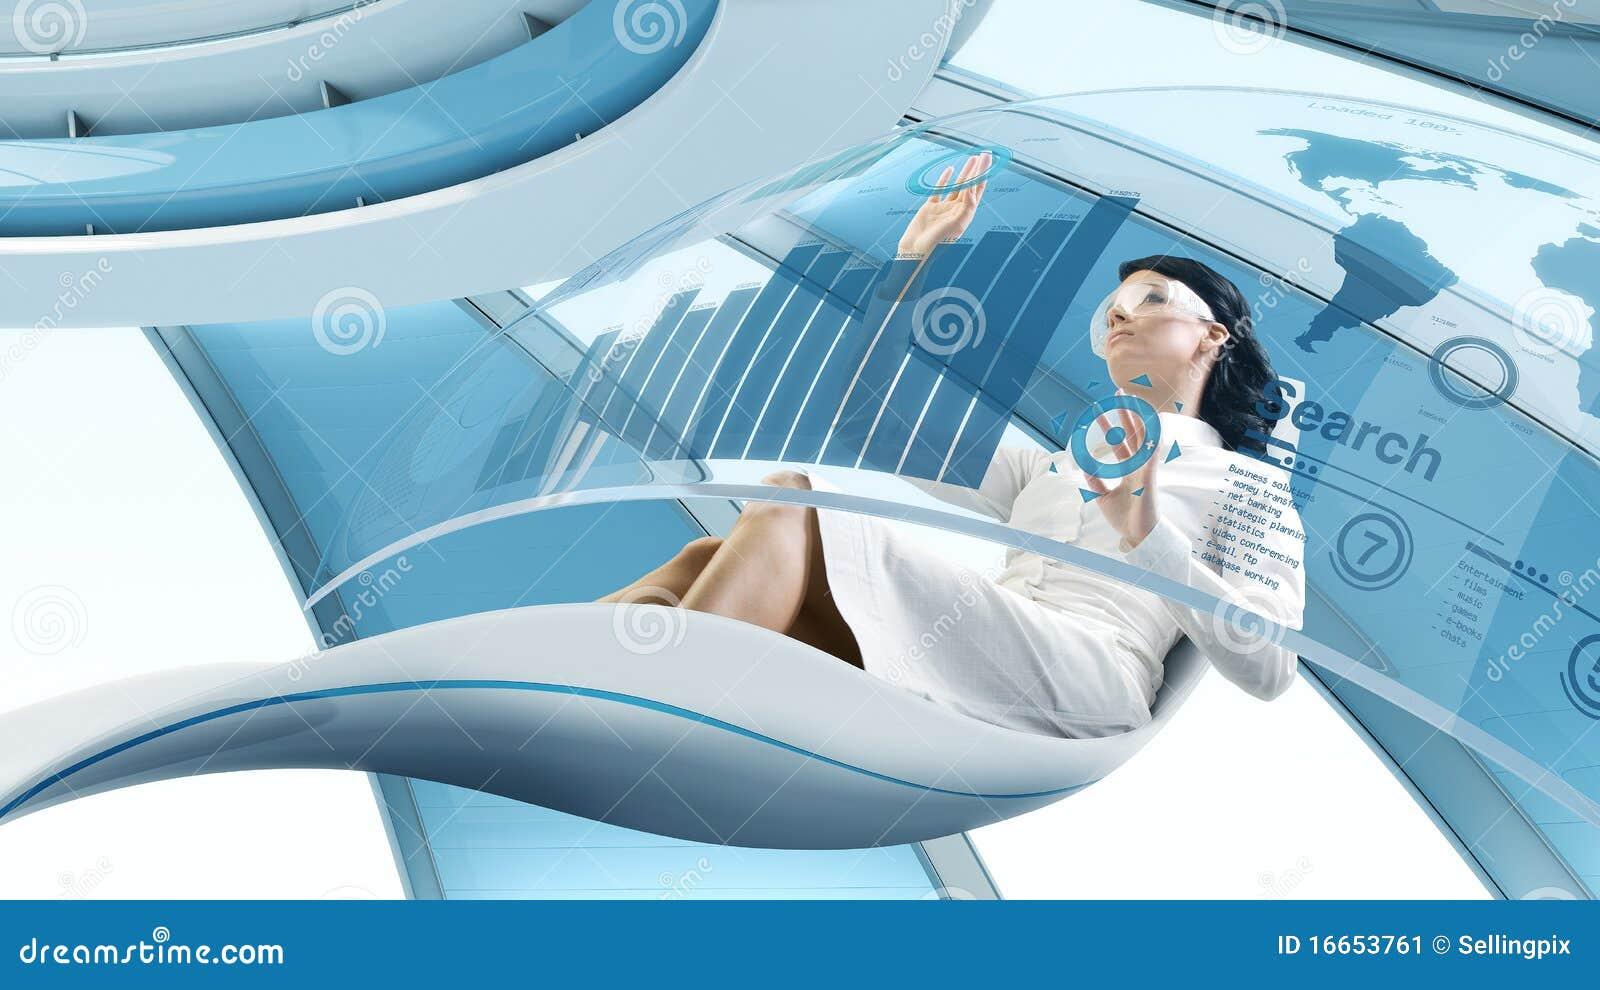 Future Lifestyle Stock Image Image 16653761